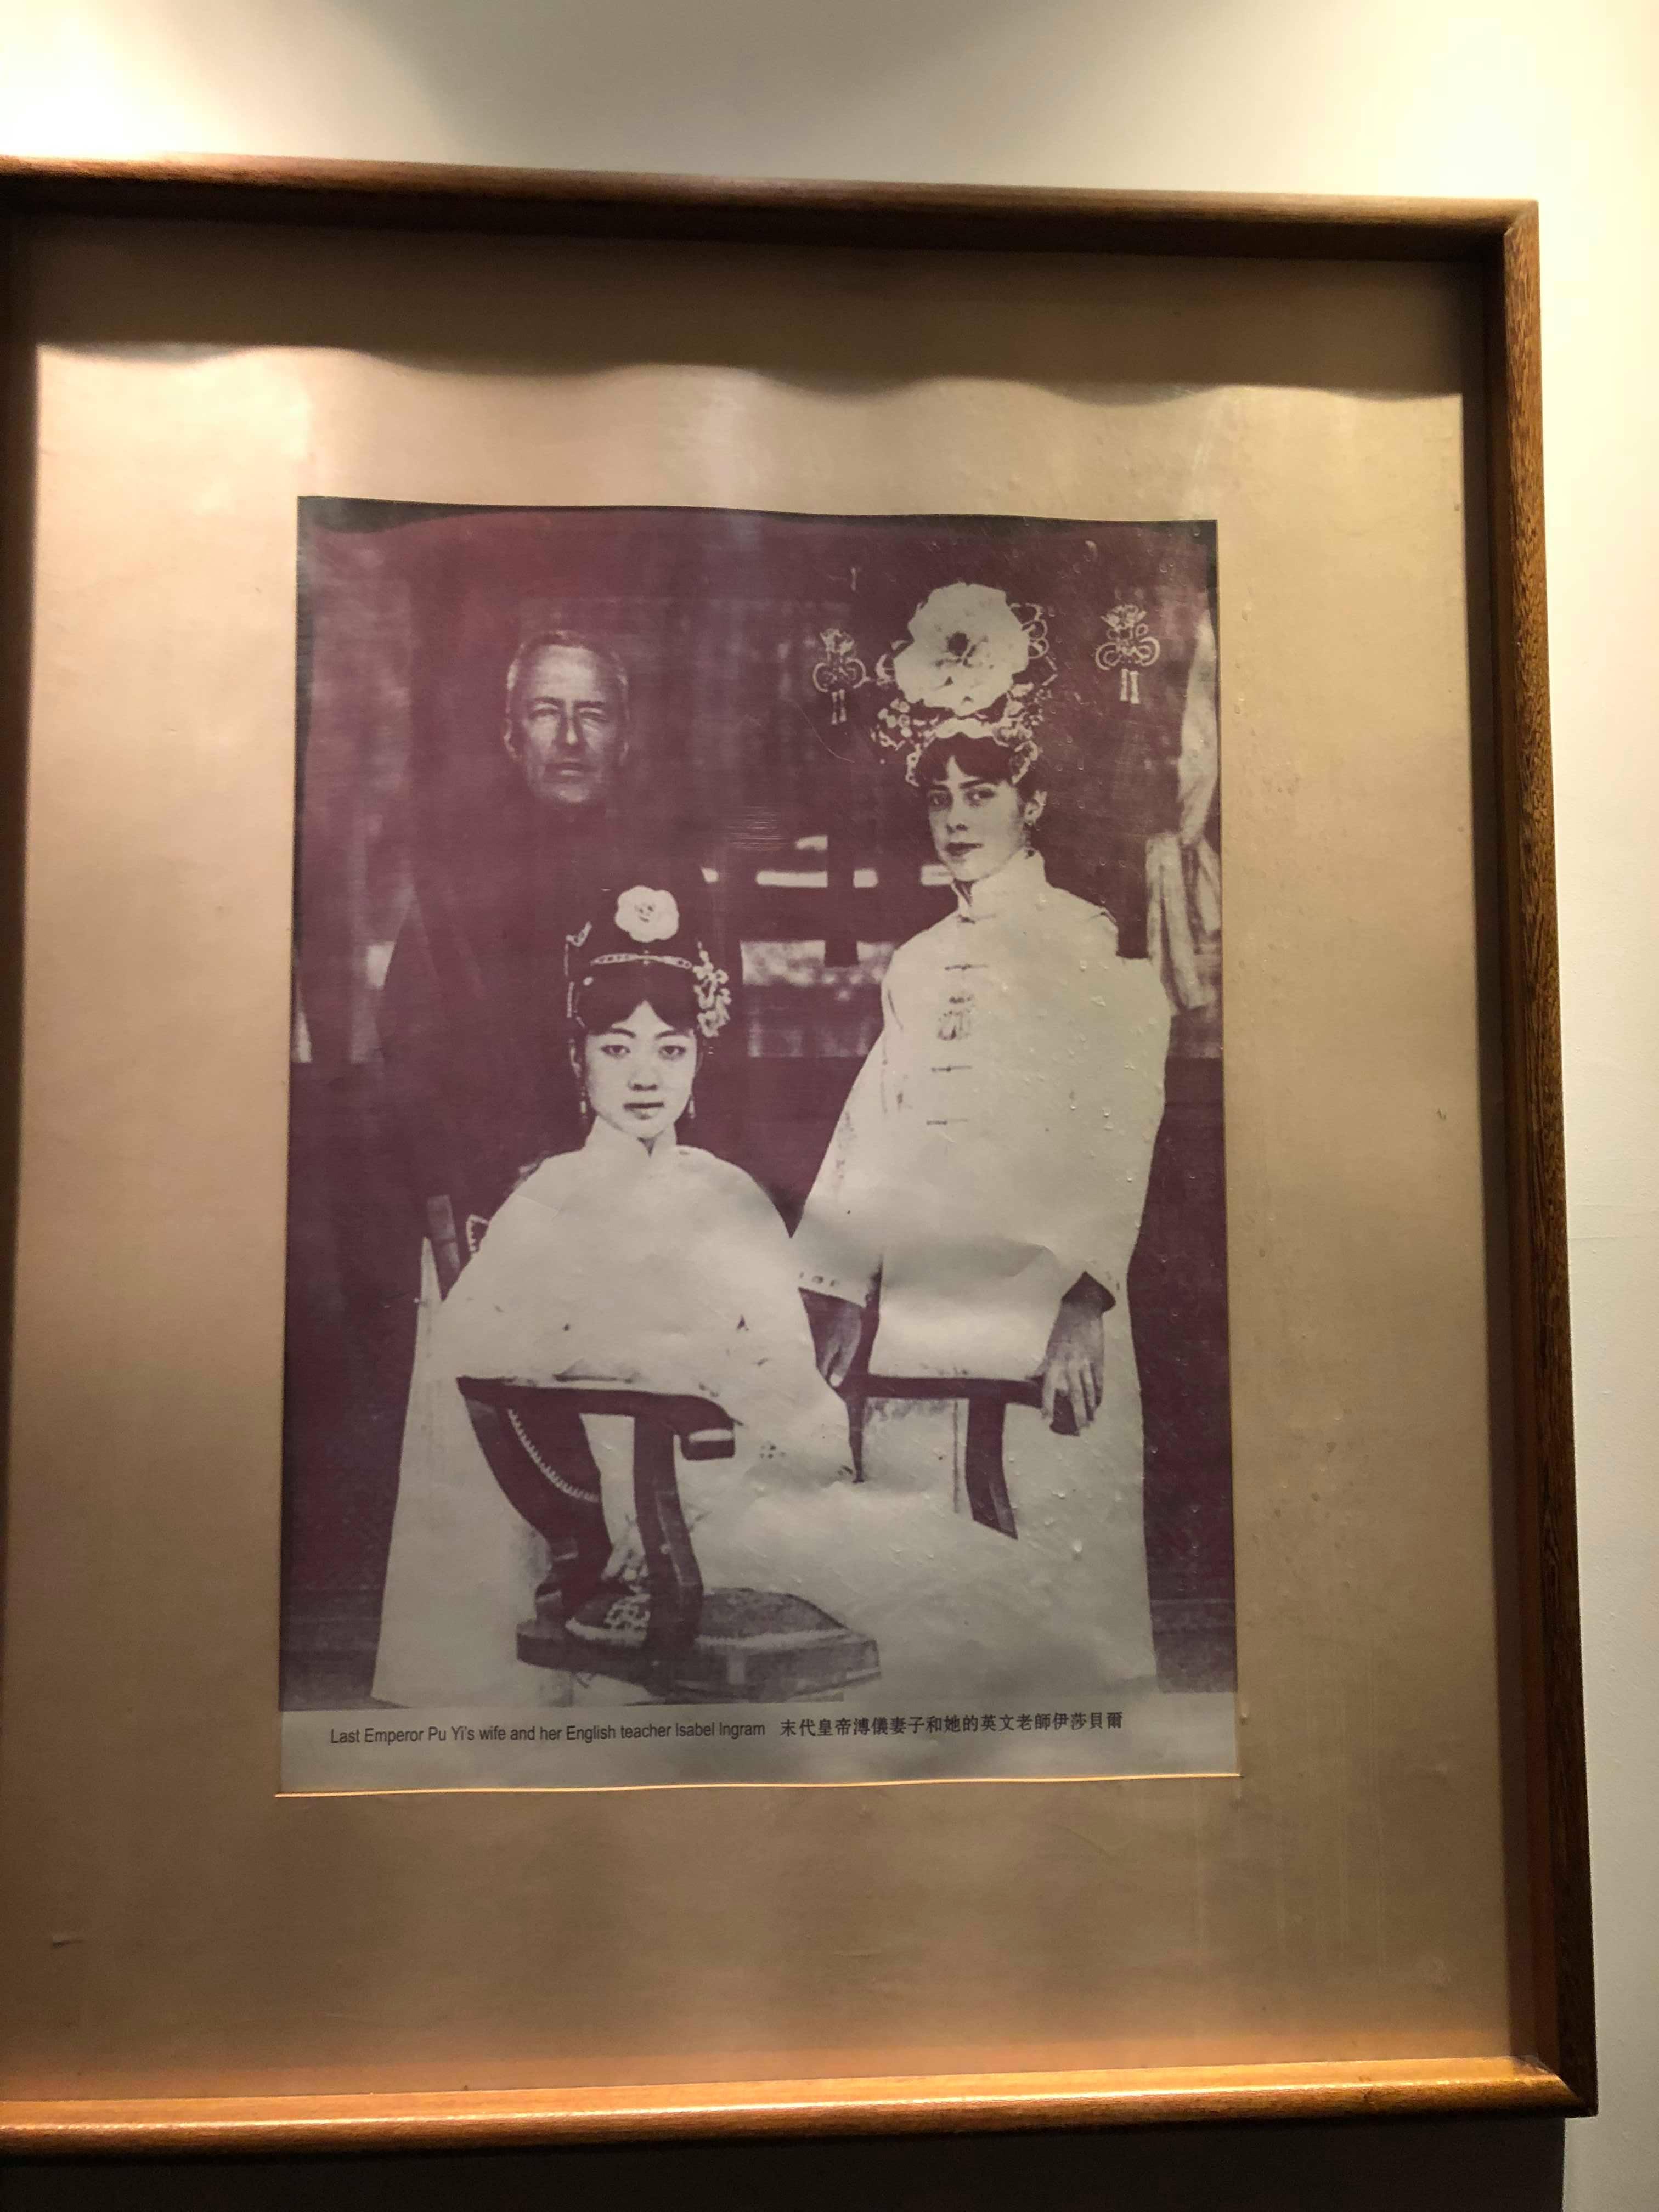 安縵館門口的清代照片-末代皇后婉容與她的外籍老師